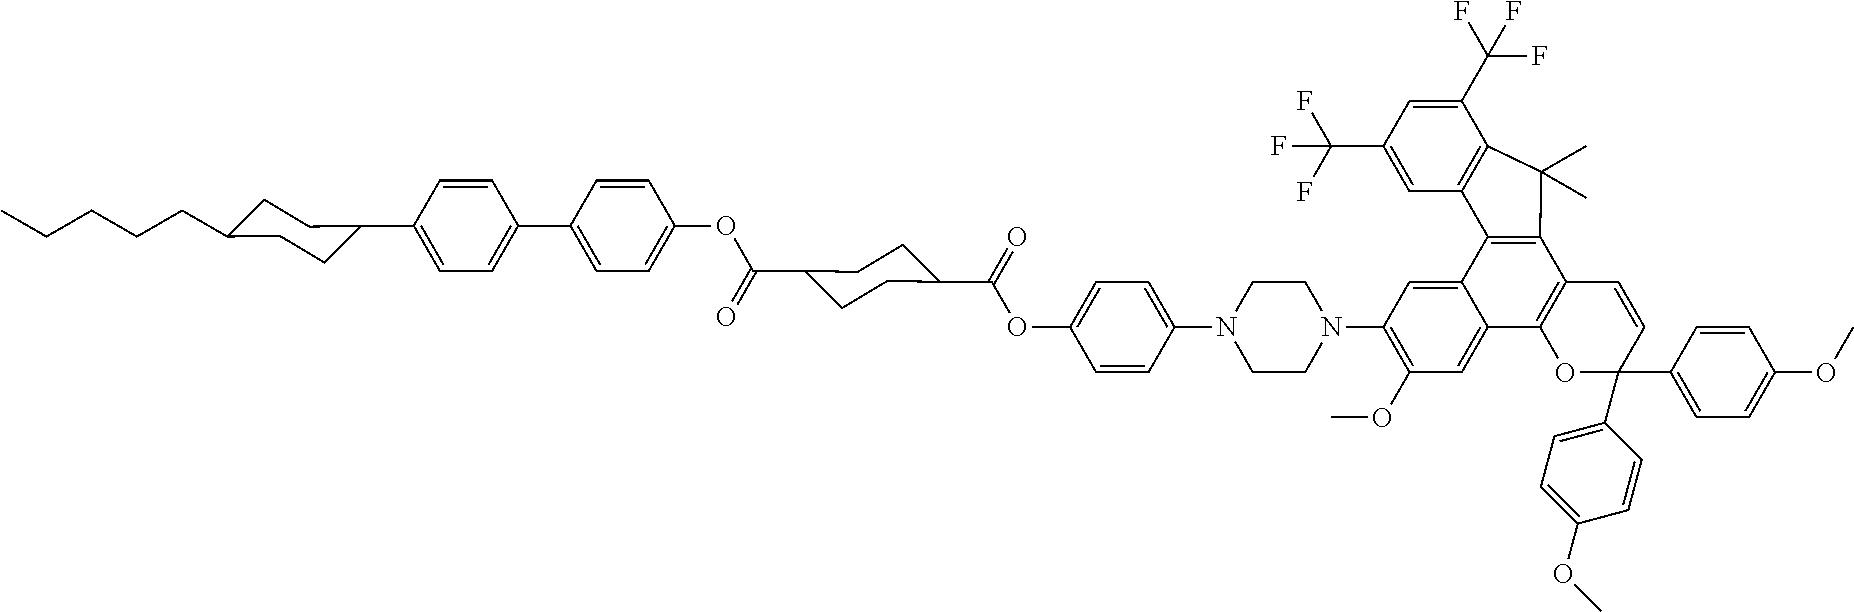 Figure US08518546-20130827-C00067